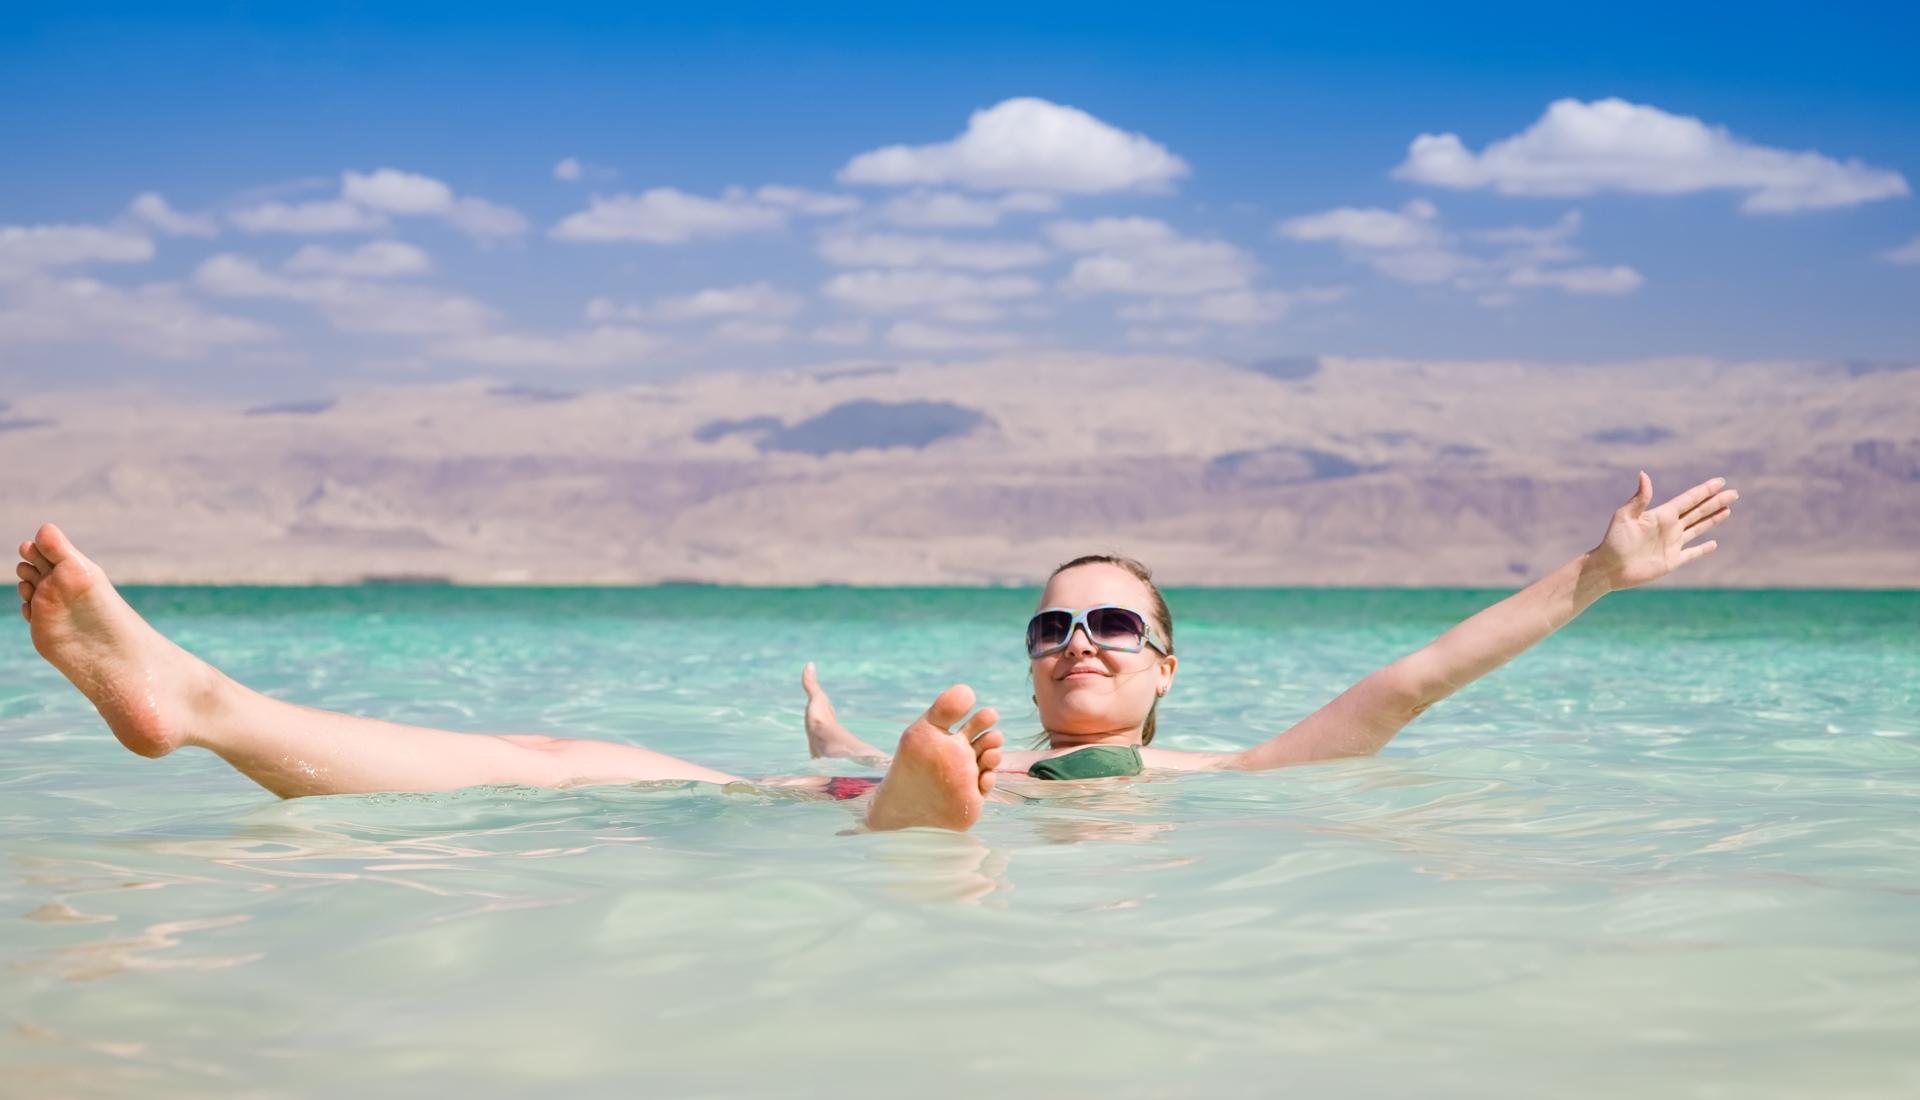 Petra & Aqaba